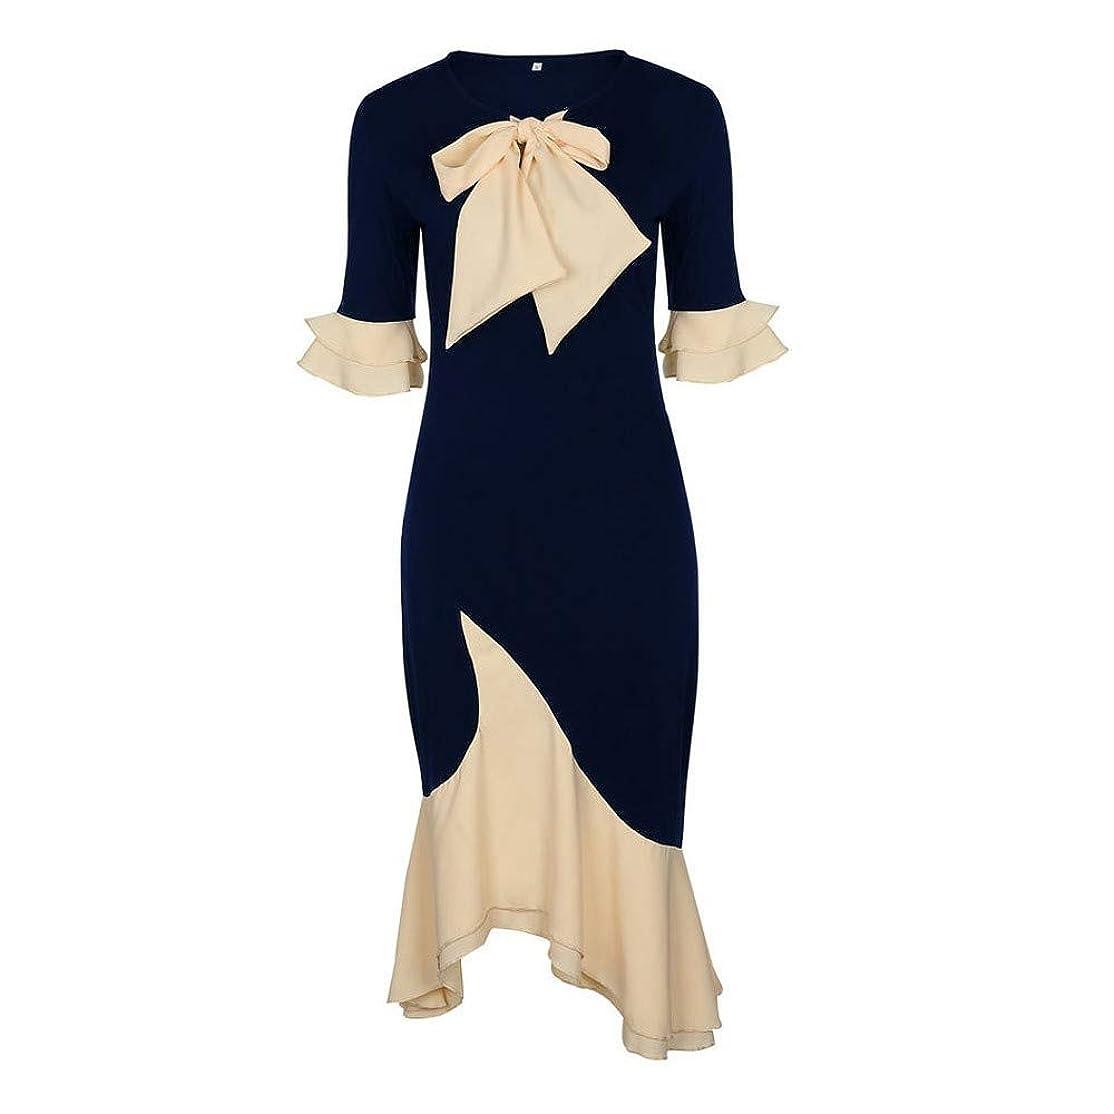 ホップ曲線どうしたのOnderroa - ヴィンテージエレガントなオフィスレディーの女性のドレスマーメイドフレアスリーブボウカラーファルバラの女の子セクシーな女性レトロなパーティードレス